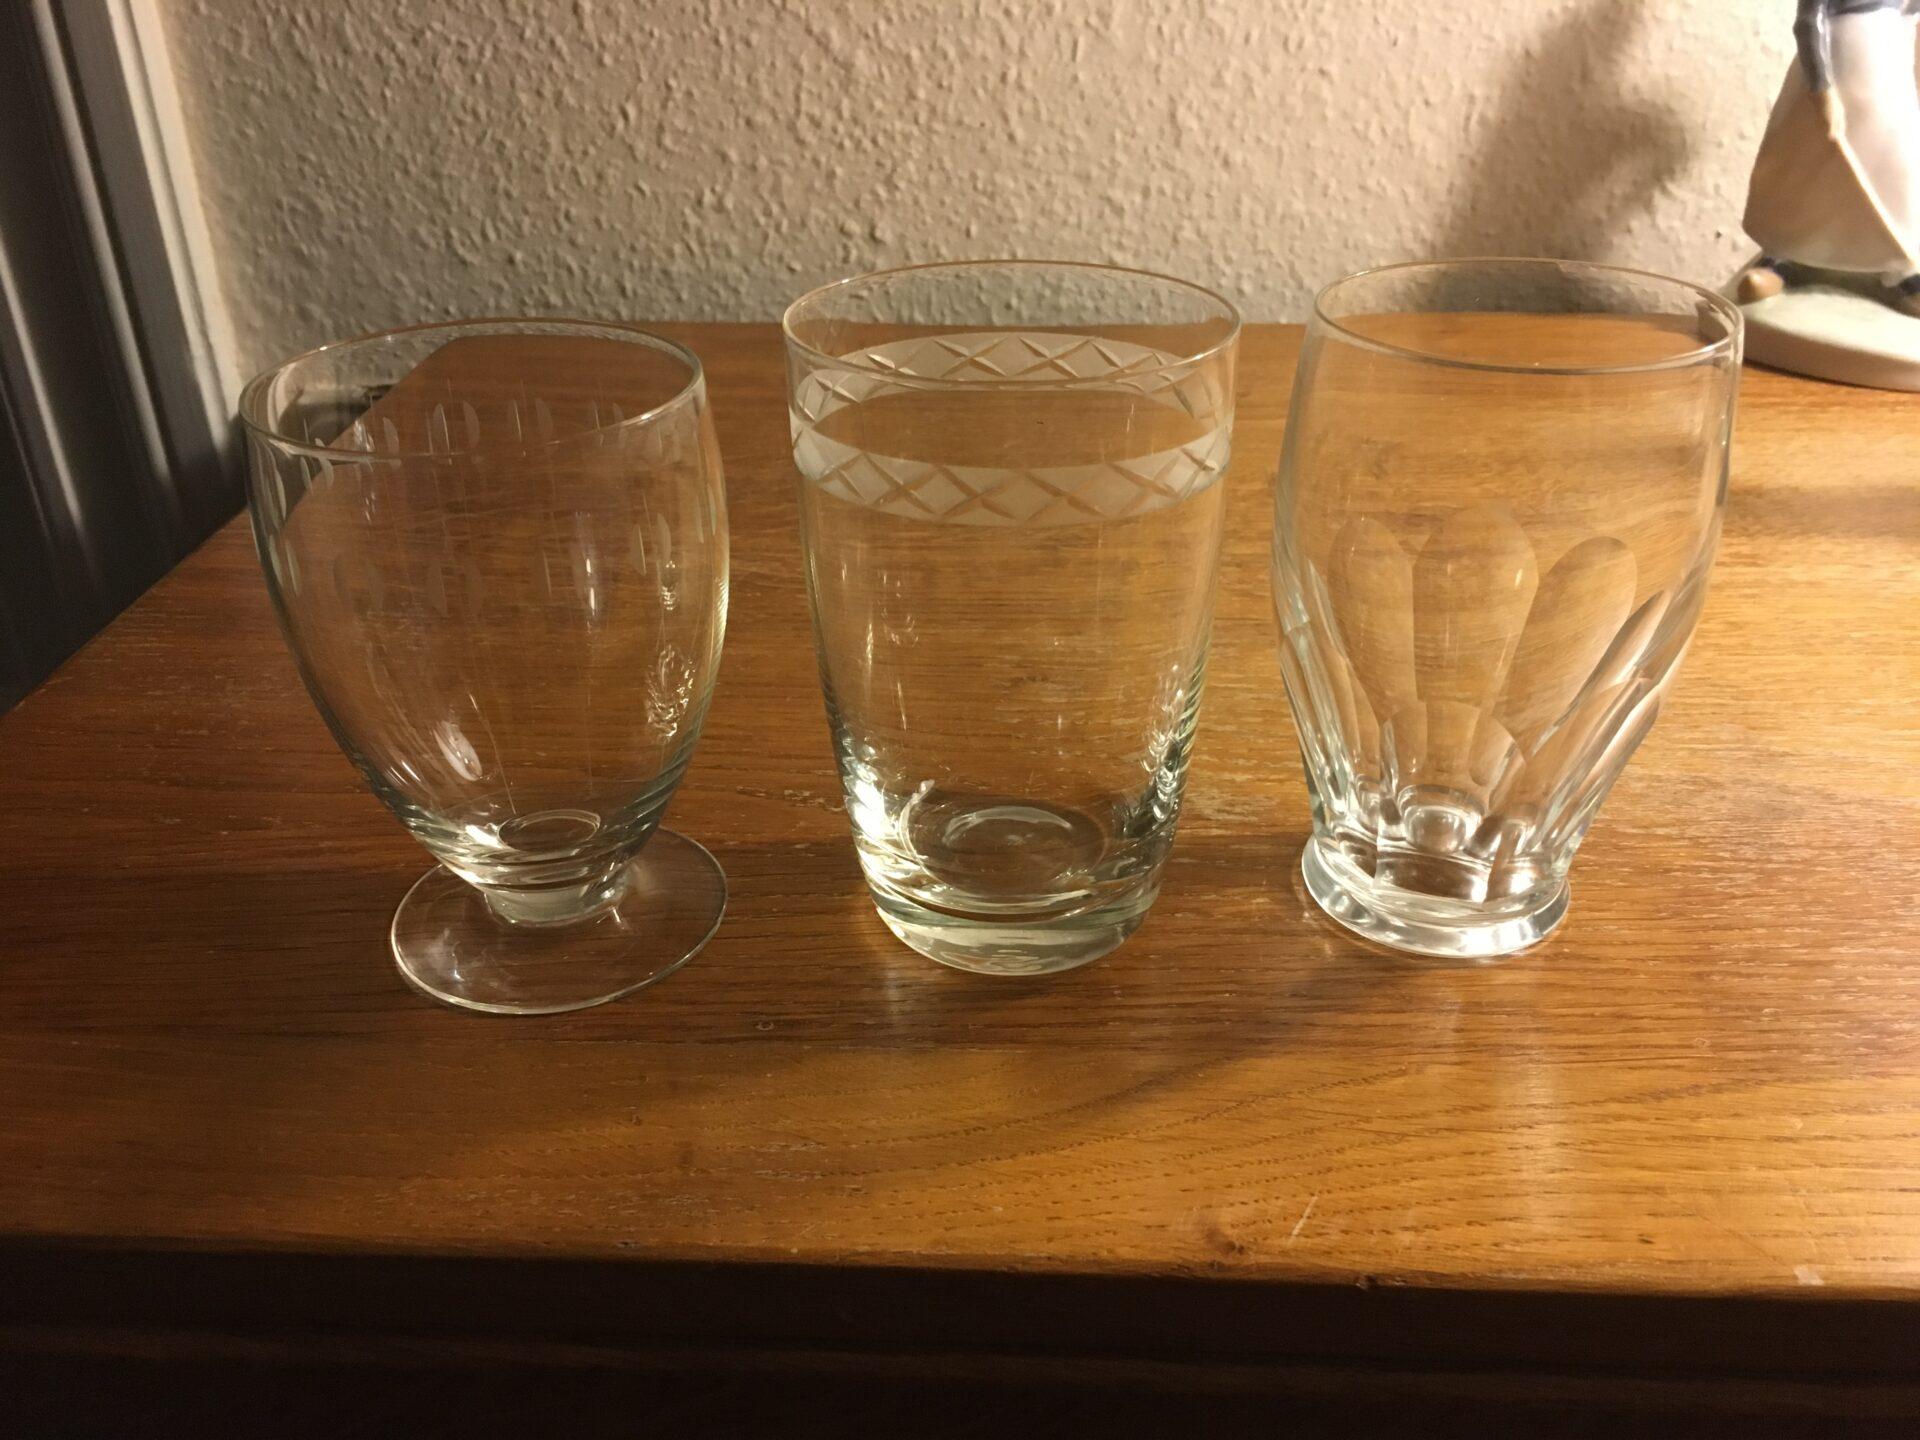 ølglas/vandglas, Kirsten Piil, Ejby, Windsor, pr. stk 40 kr (mange på lager)